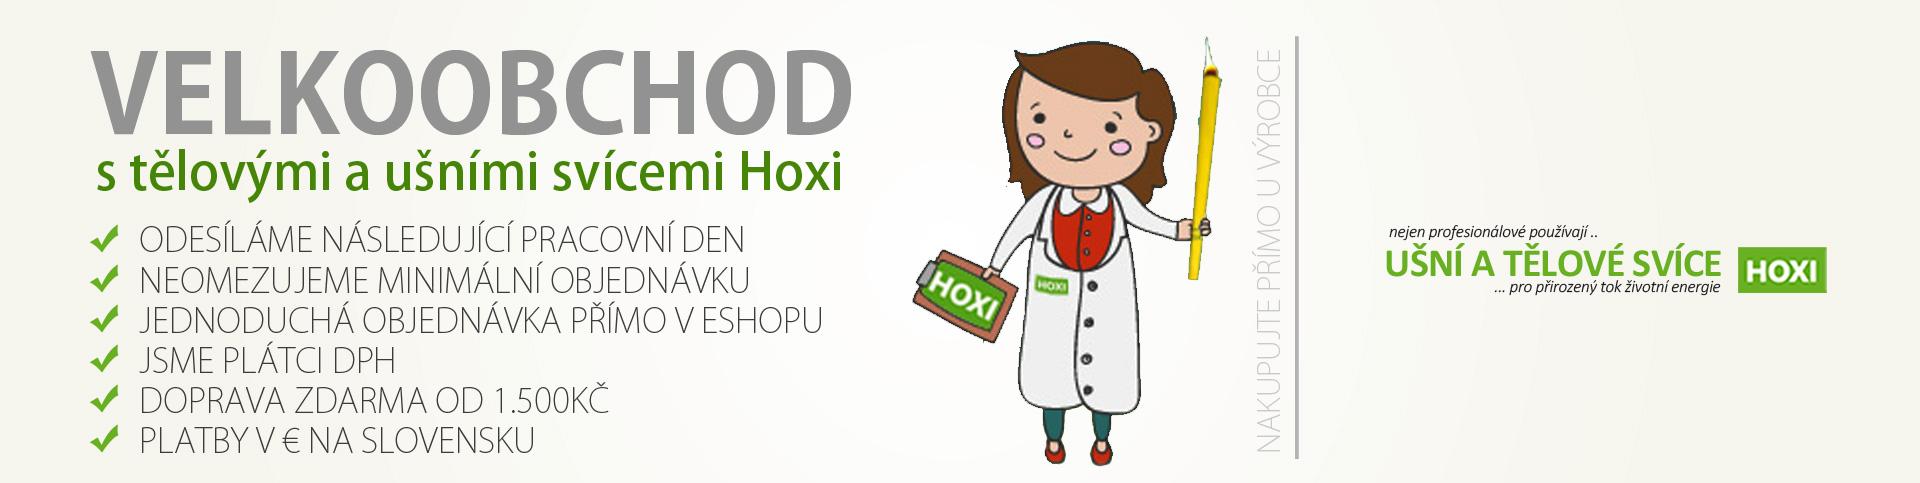 HOXI---ušní-a-tělové-svíce--velkoobchod---velkoobchodní-prodej